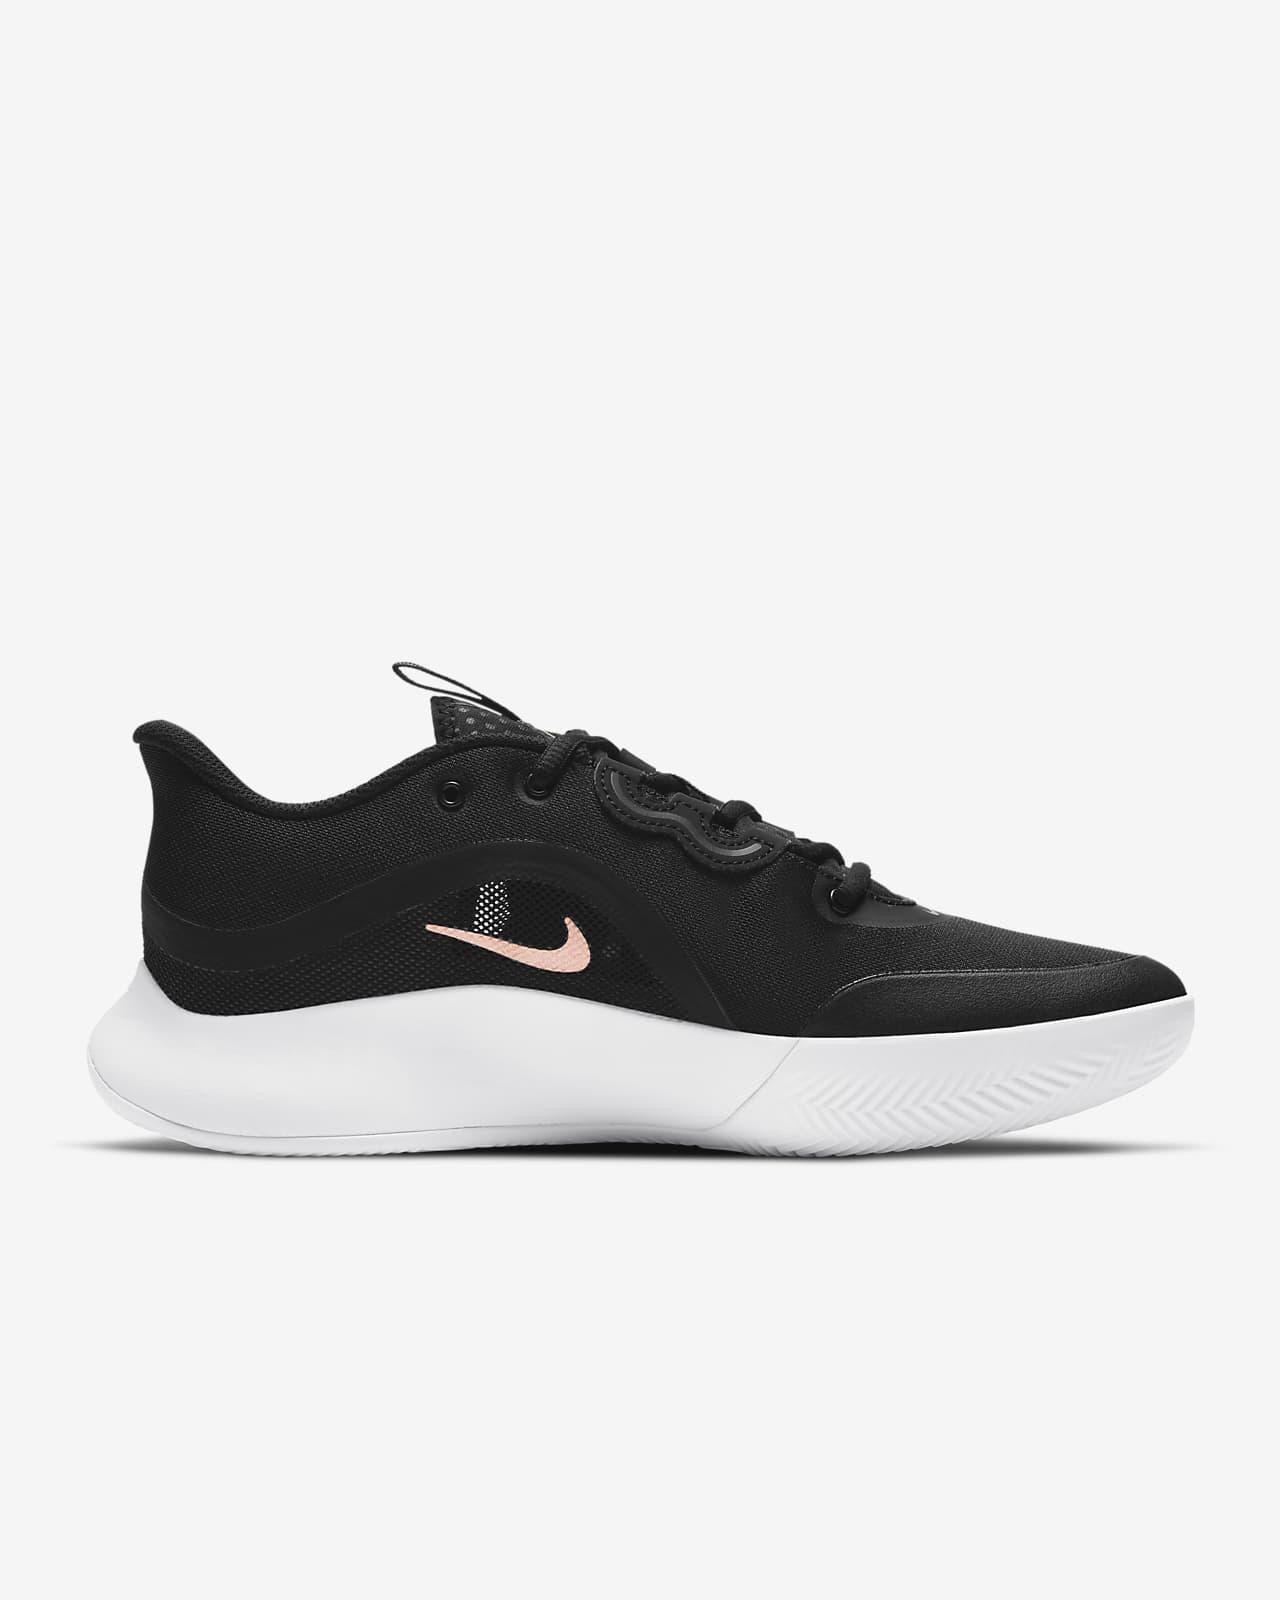 scarpe ginnastica donna nike air max